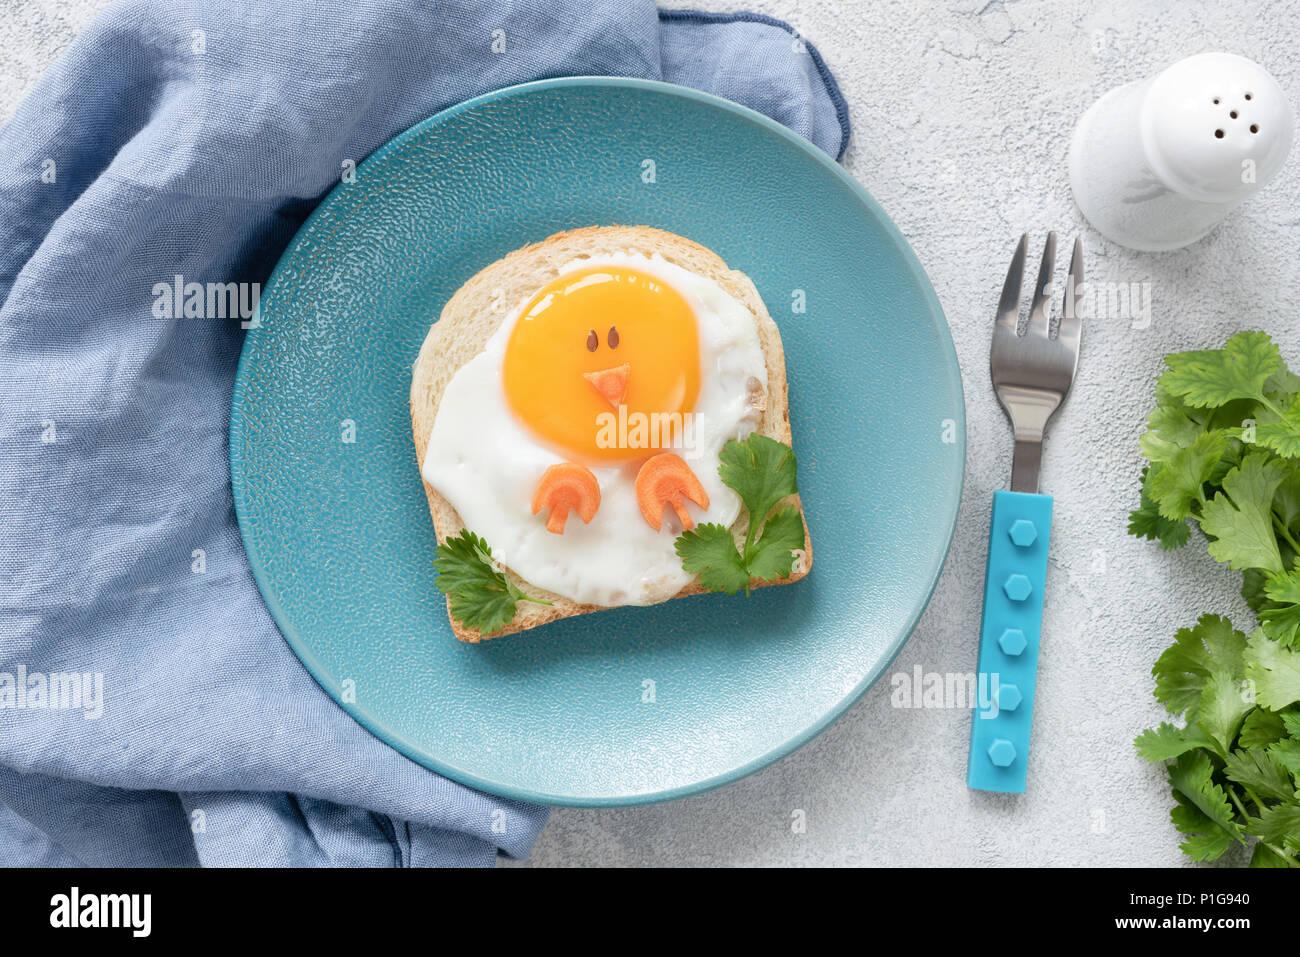 Petit Déjeuner Dart Créative Idée Pour Les Enfants En Forme De